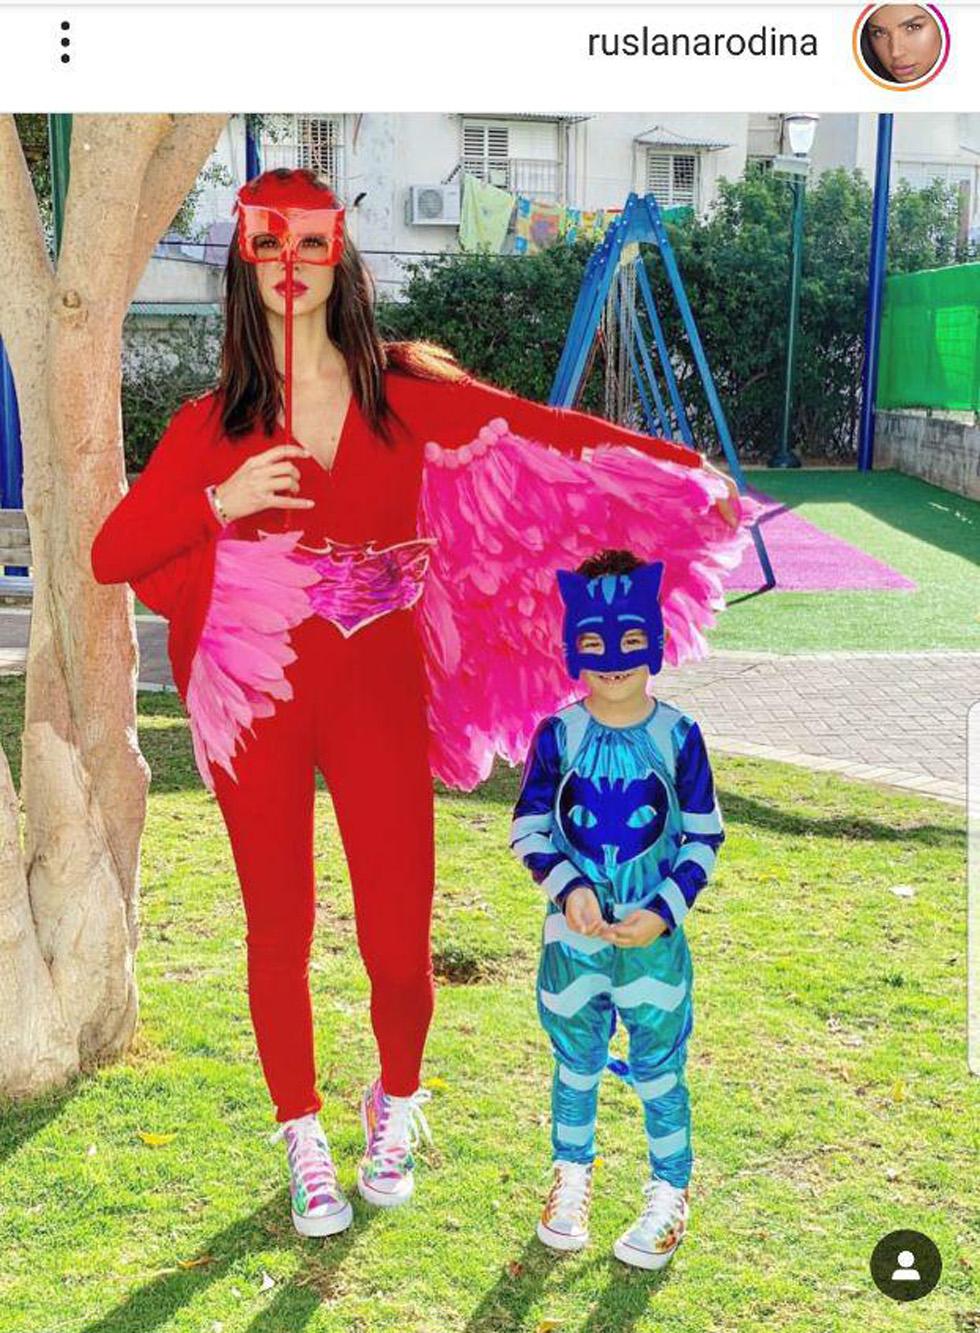 Манекенщица Руслана Родина с сыном. Фото: инстаграм